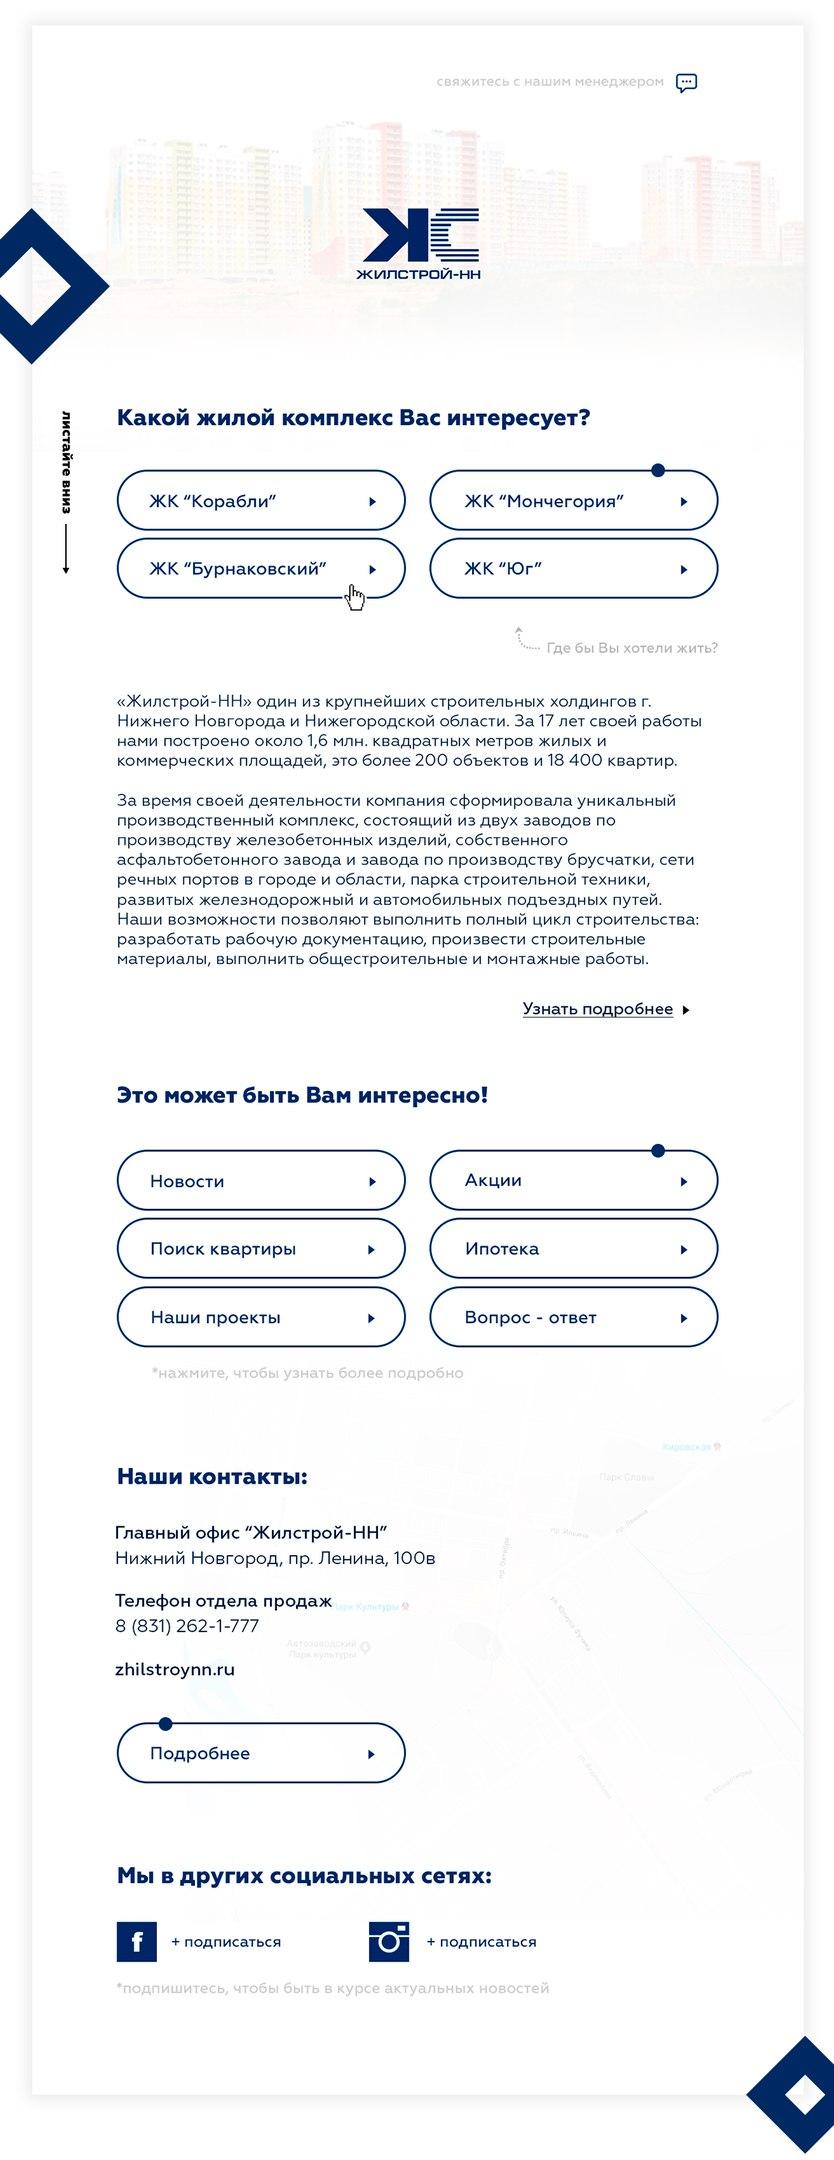 Продвижение крупного регионального застройщика в социальной сети Вконтакте. Часть 1, изображение №6